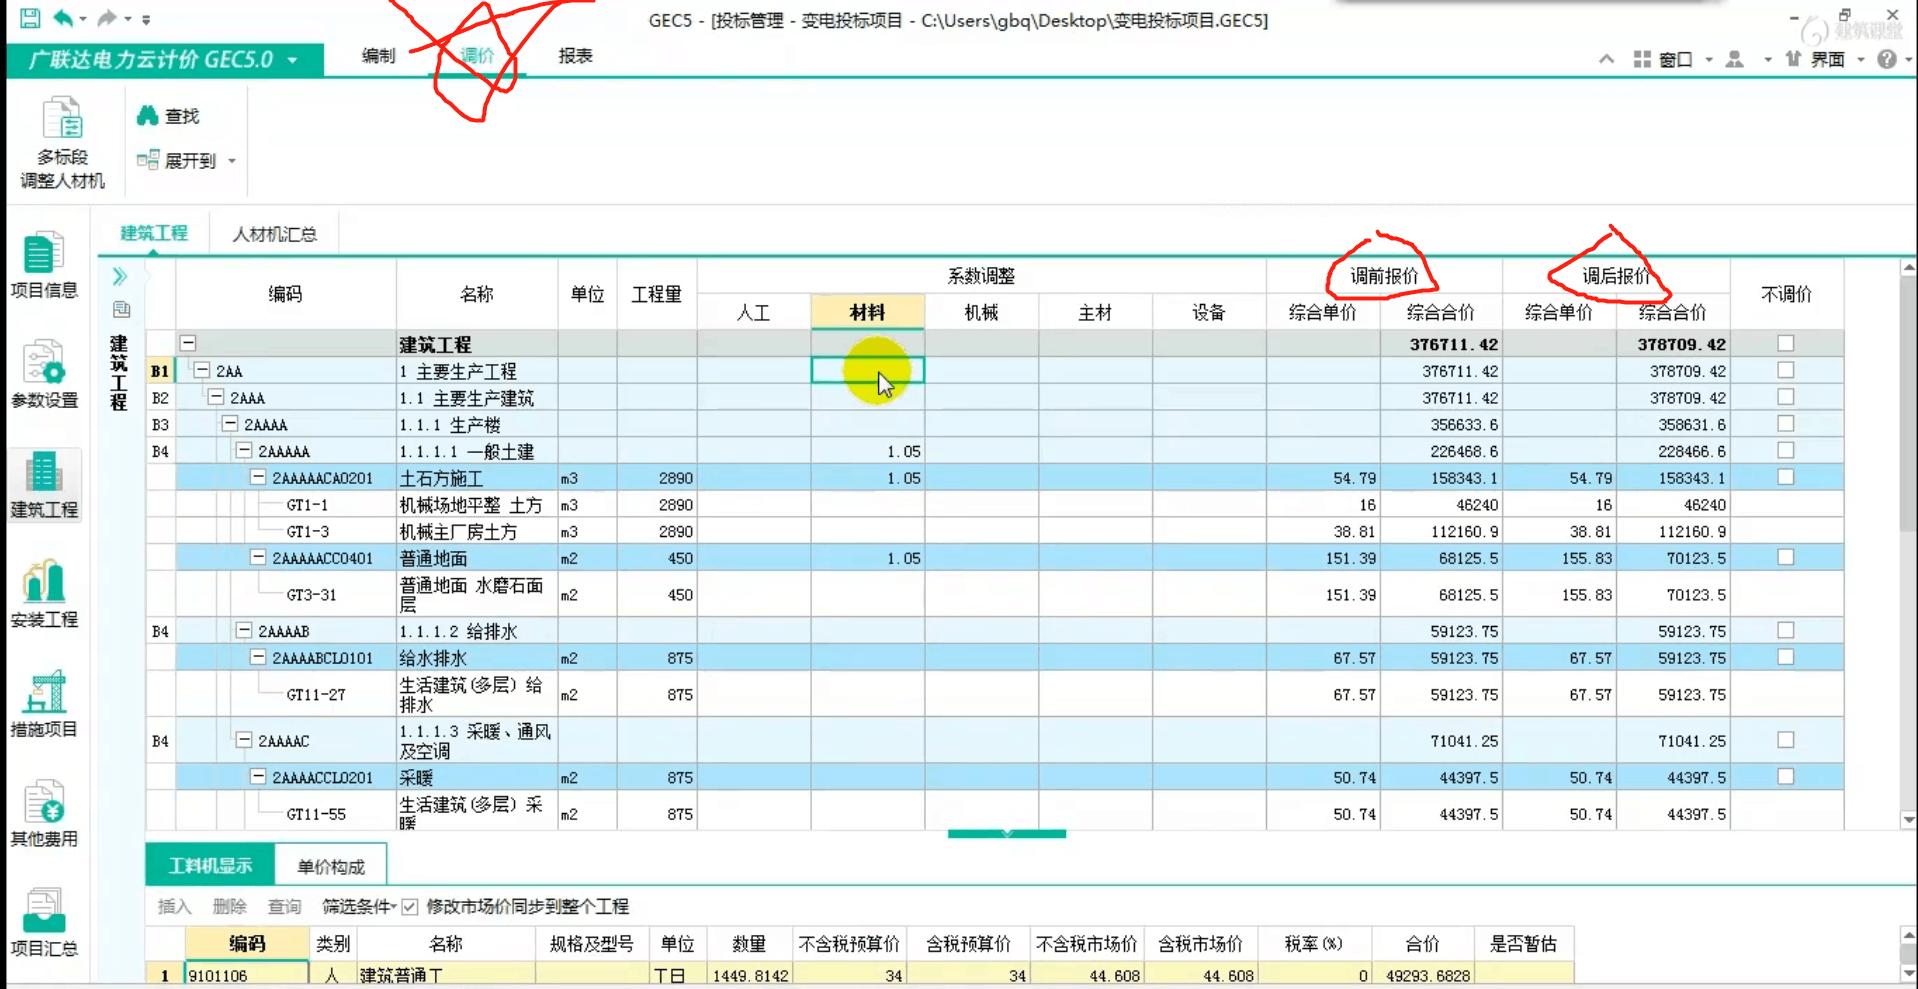 """北京,行业软件,答疑:为什么我的GEC5.0会和你们培训课堂里的软件界面有区别呢,我的缺少""""调价""""功能-北京行业软件,"""